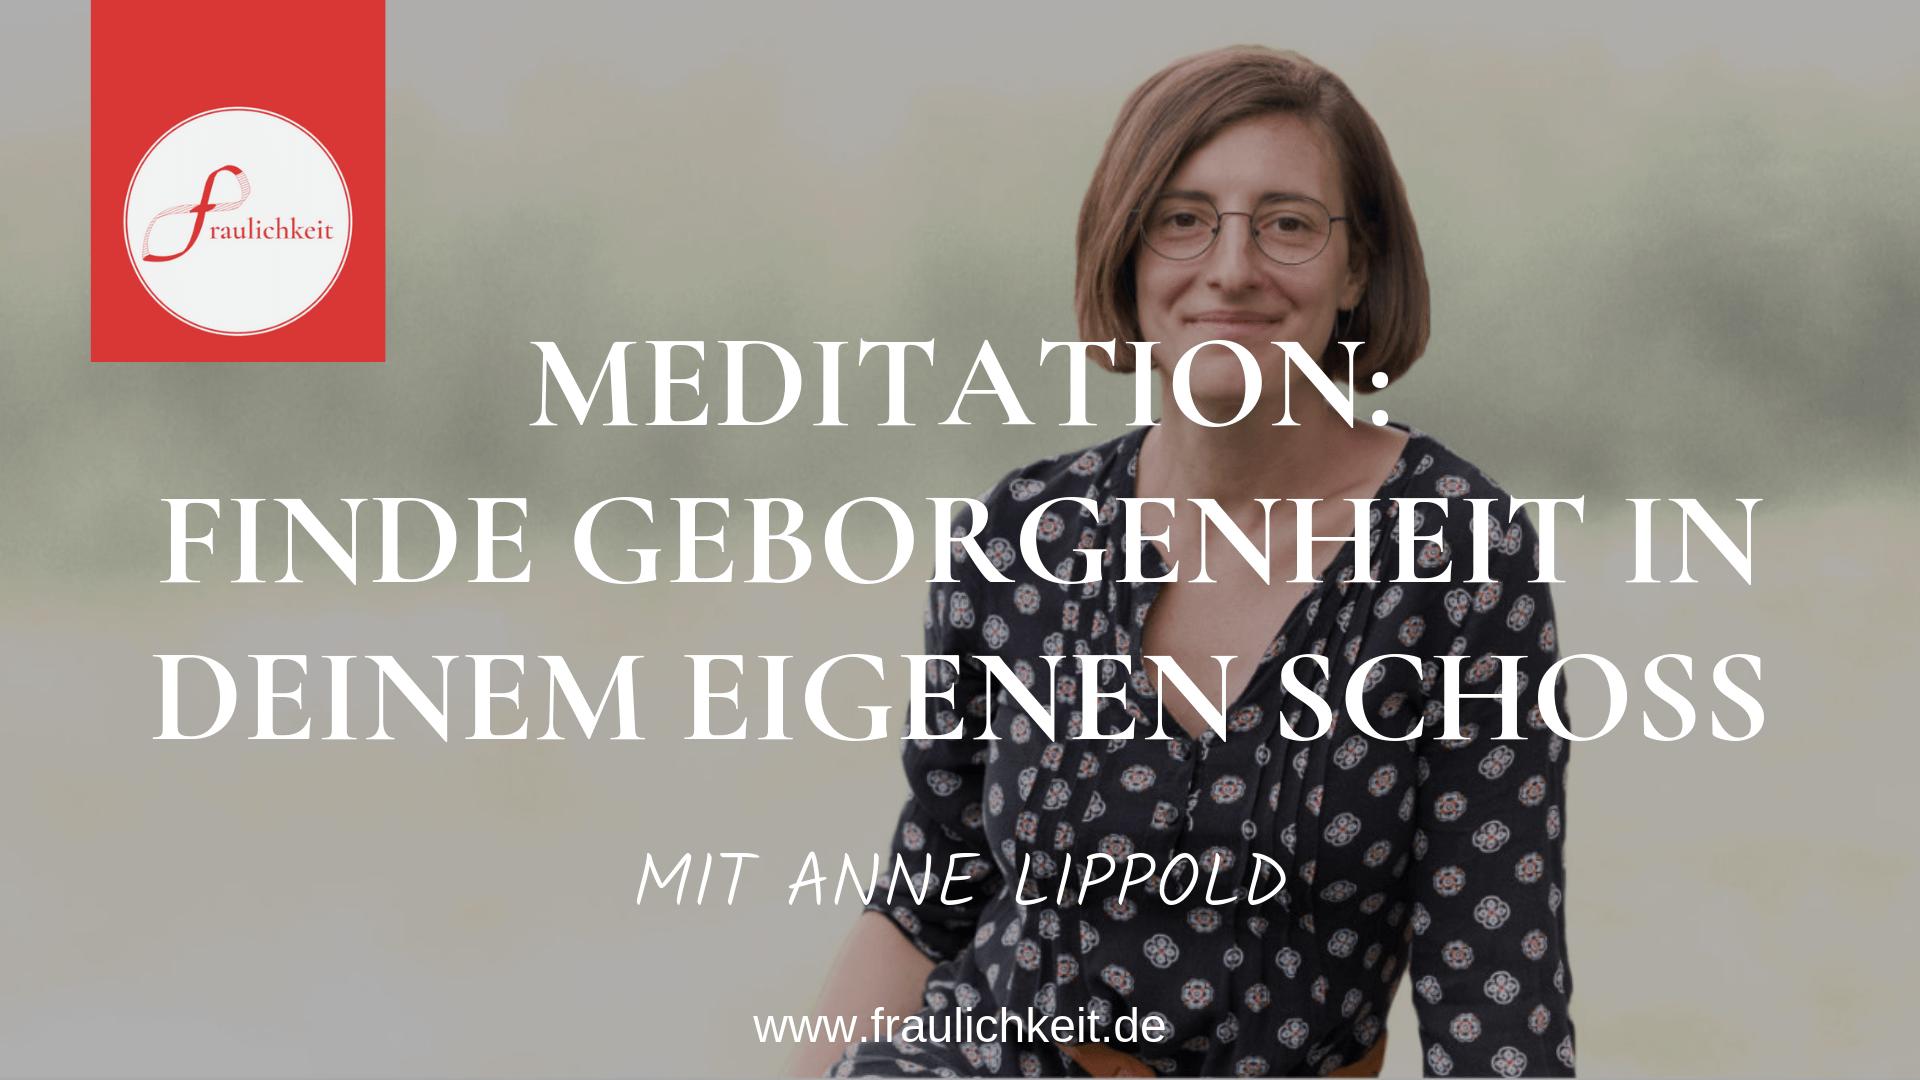 Fraulichkeit Youtube Anne Lippold Meditation Schoß